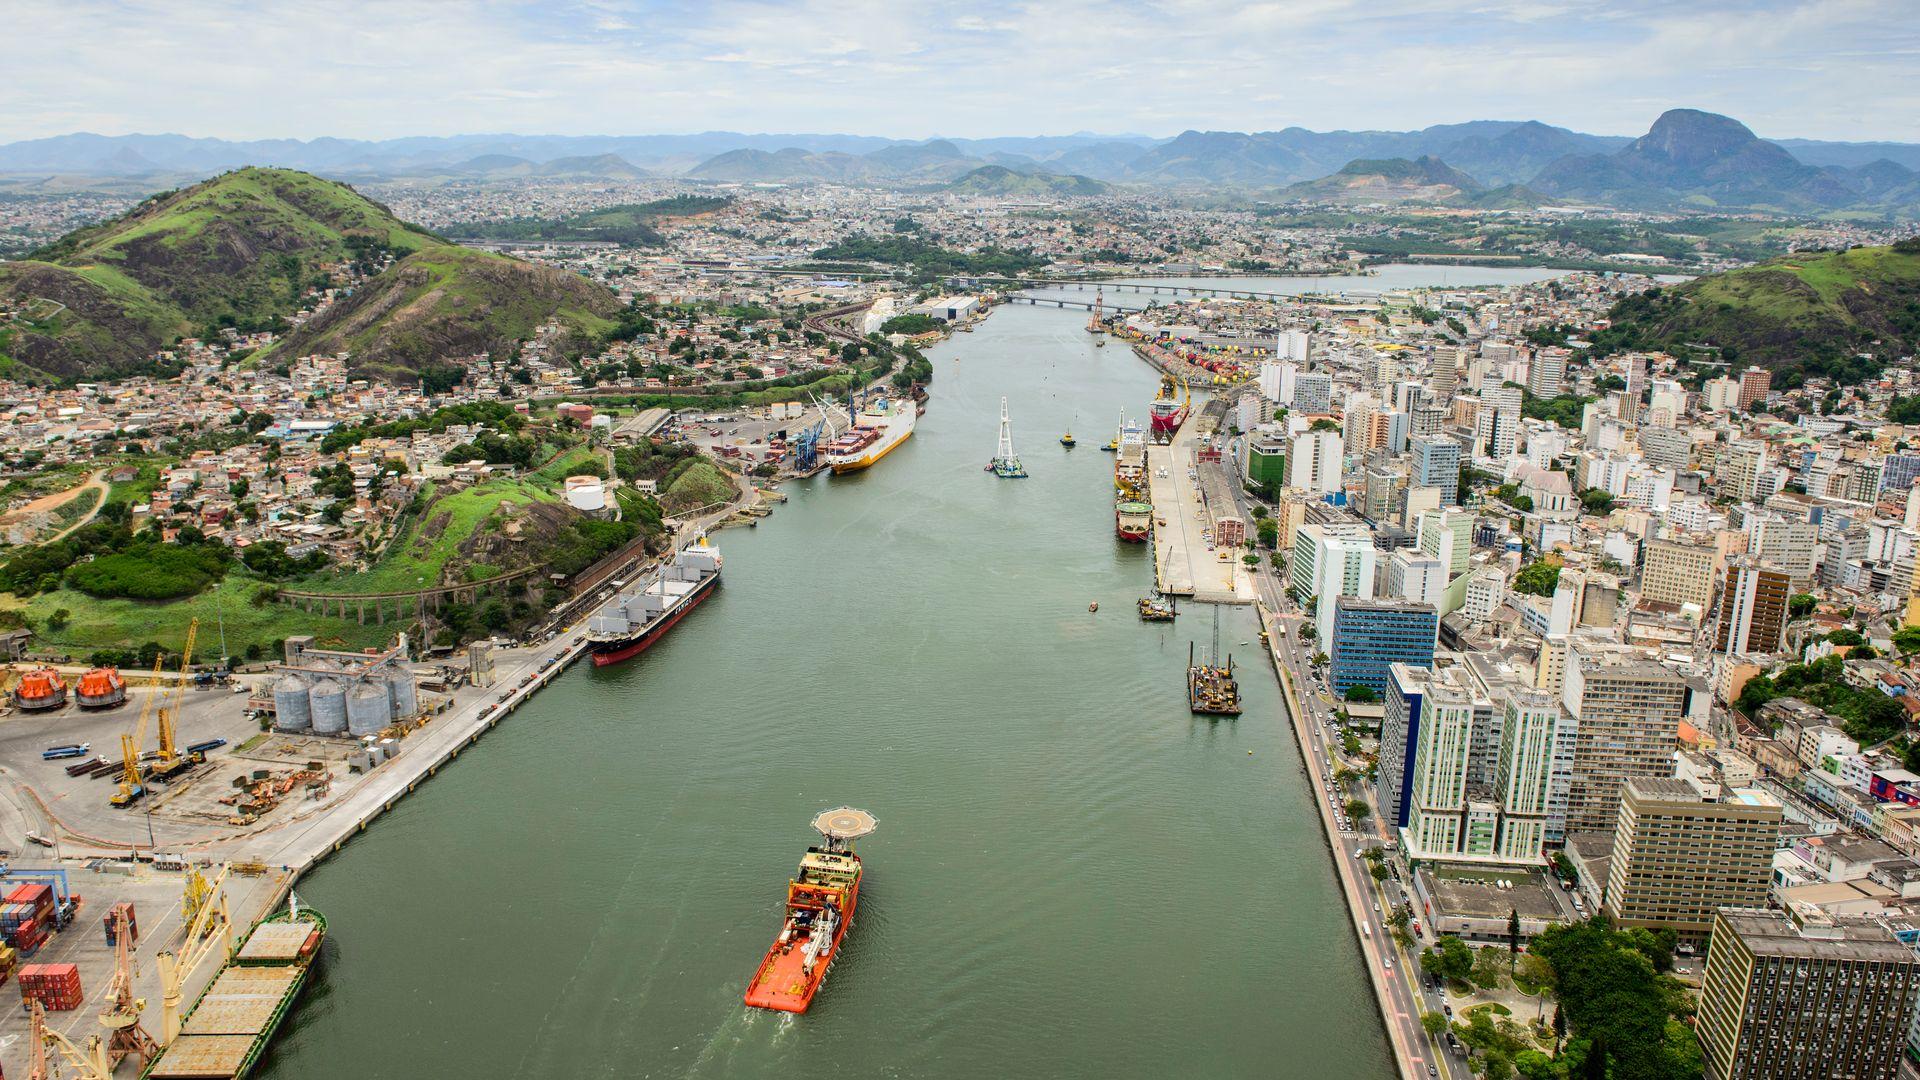 Vista aérea do Porto de Vitória